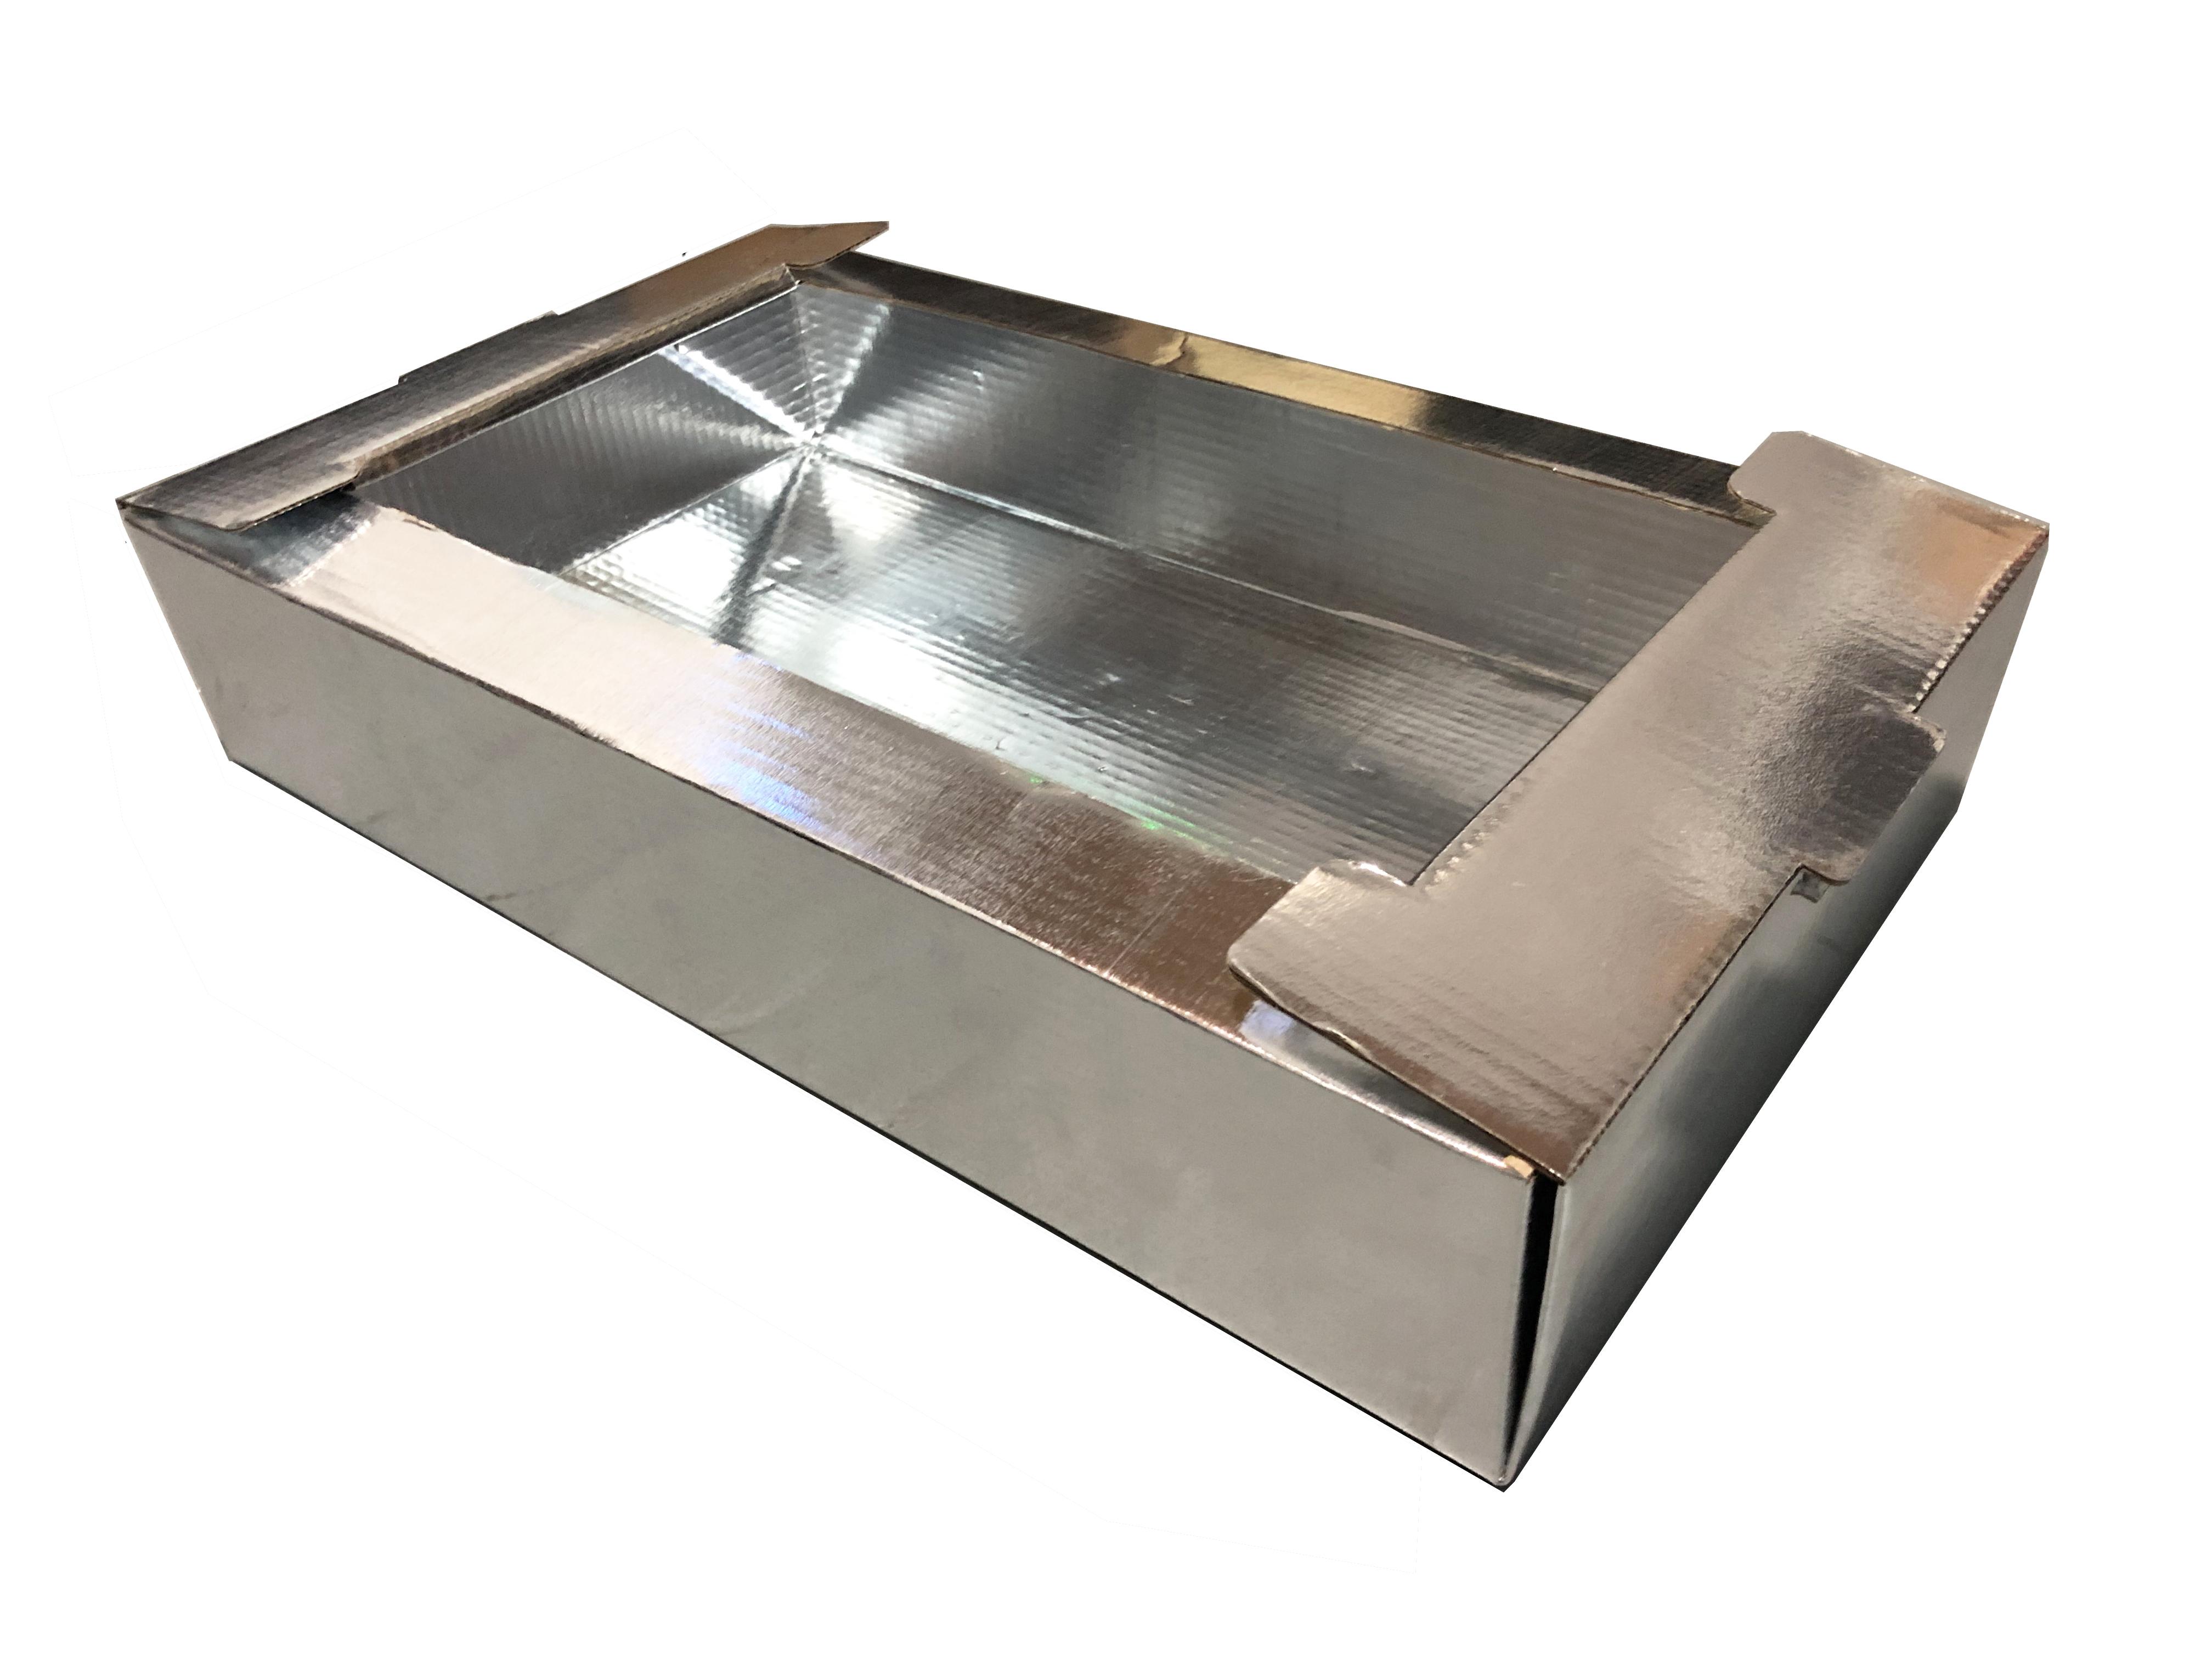 冰鮮保溫紙箱(內含視頻)